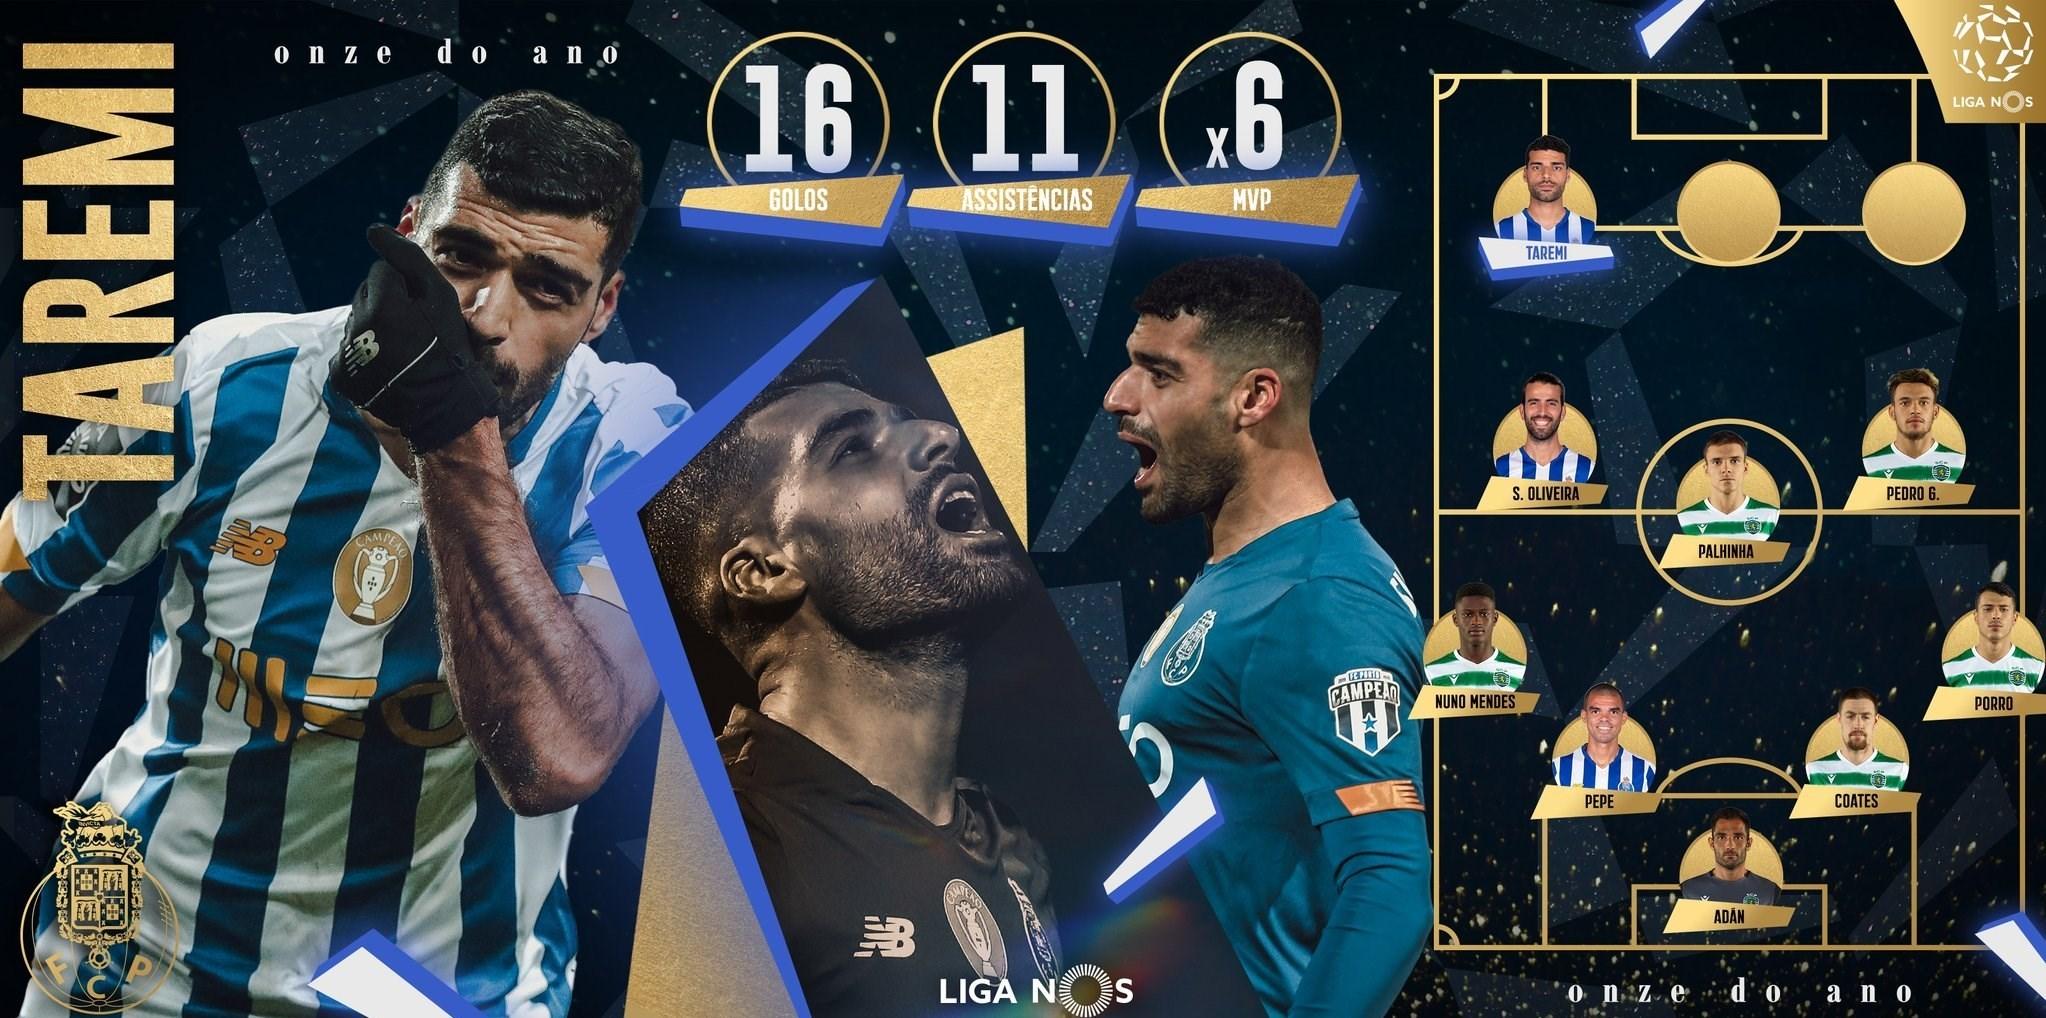 14000319143905945229392010 - طارمی در تیم منتخب لیگ برتر پرتغال + عکس